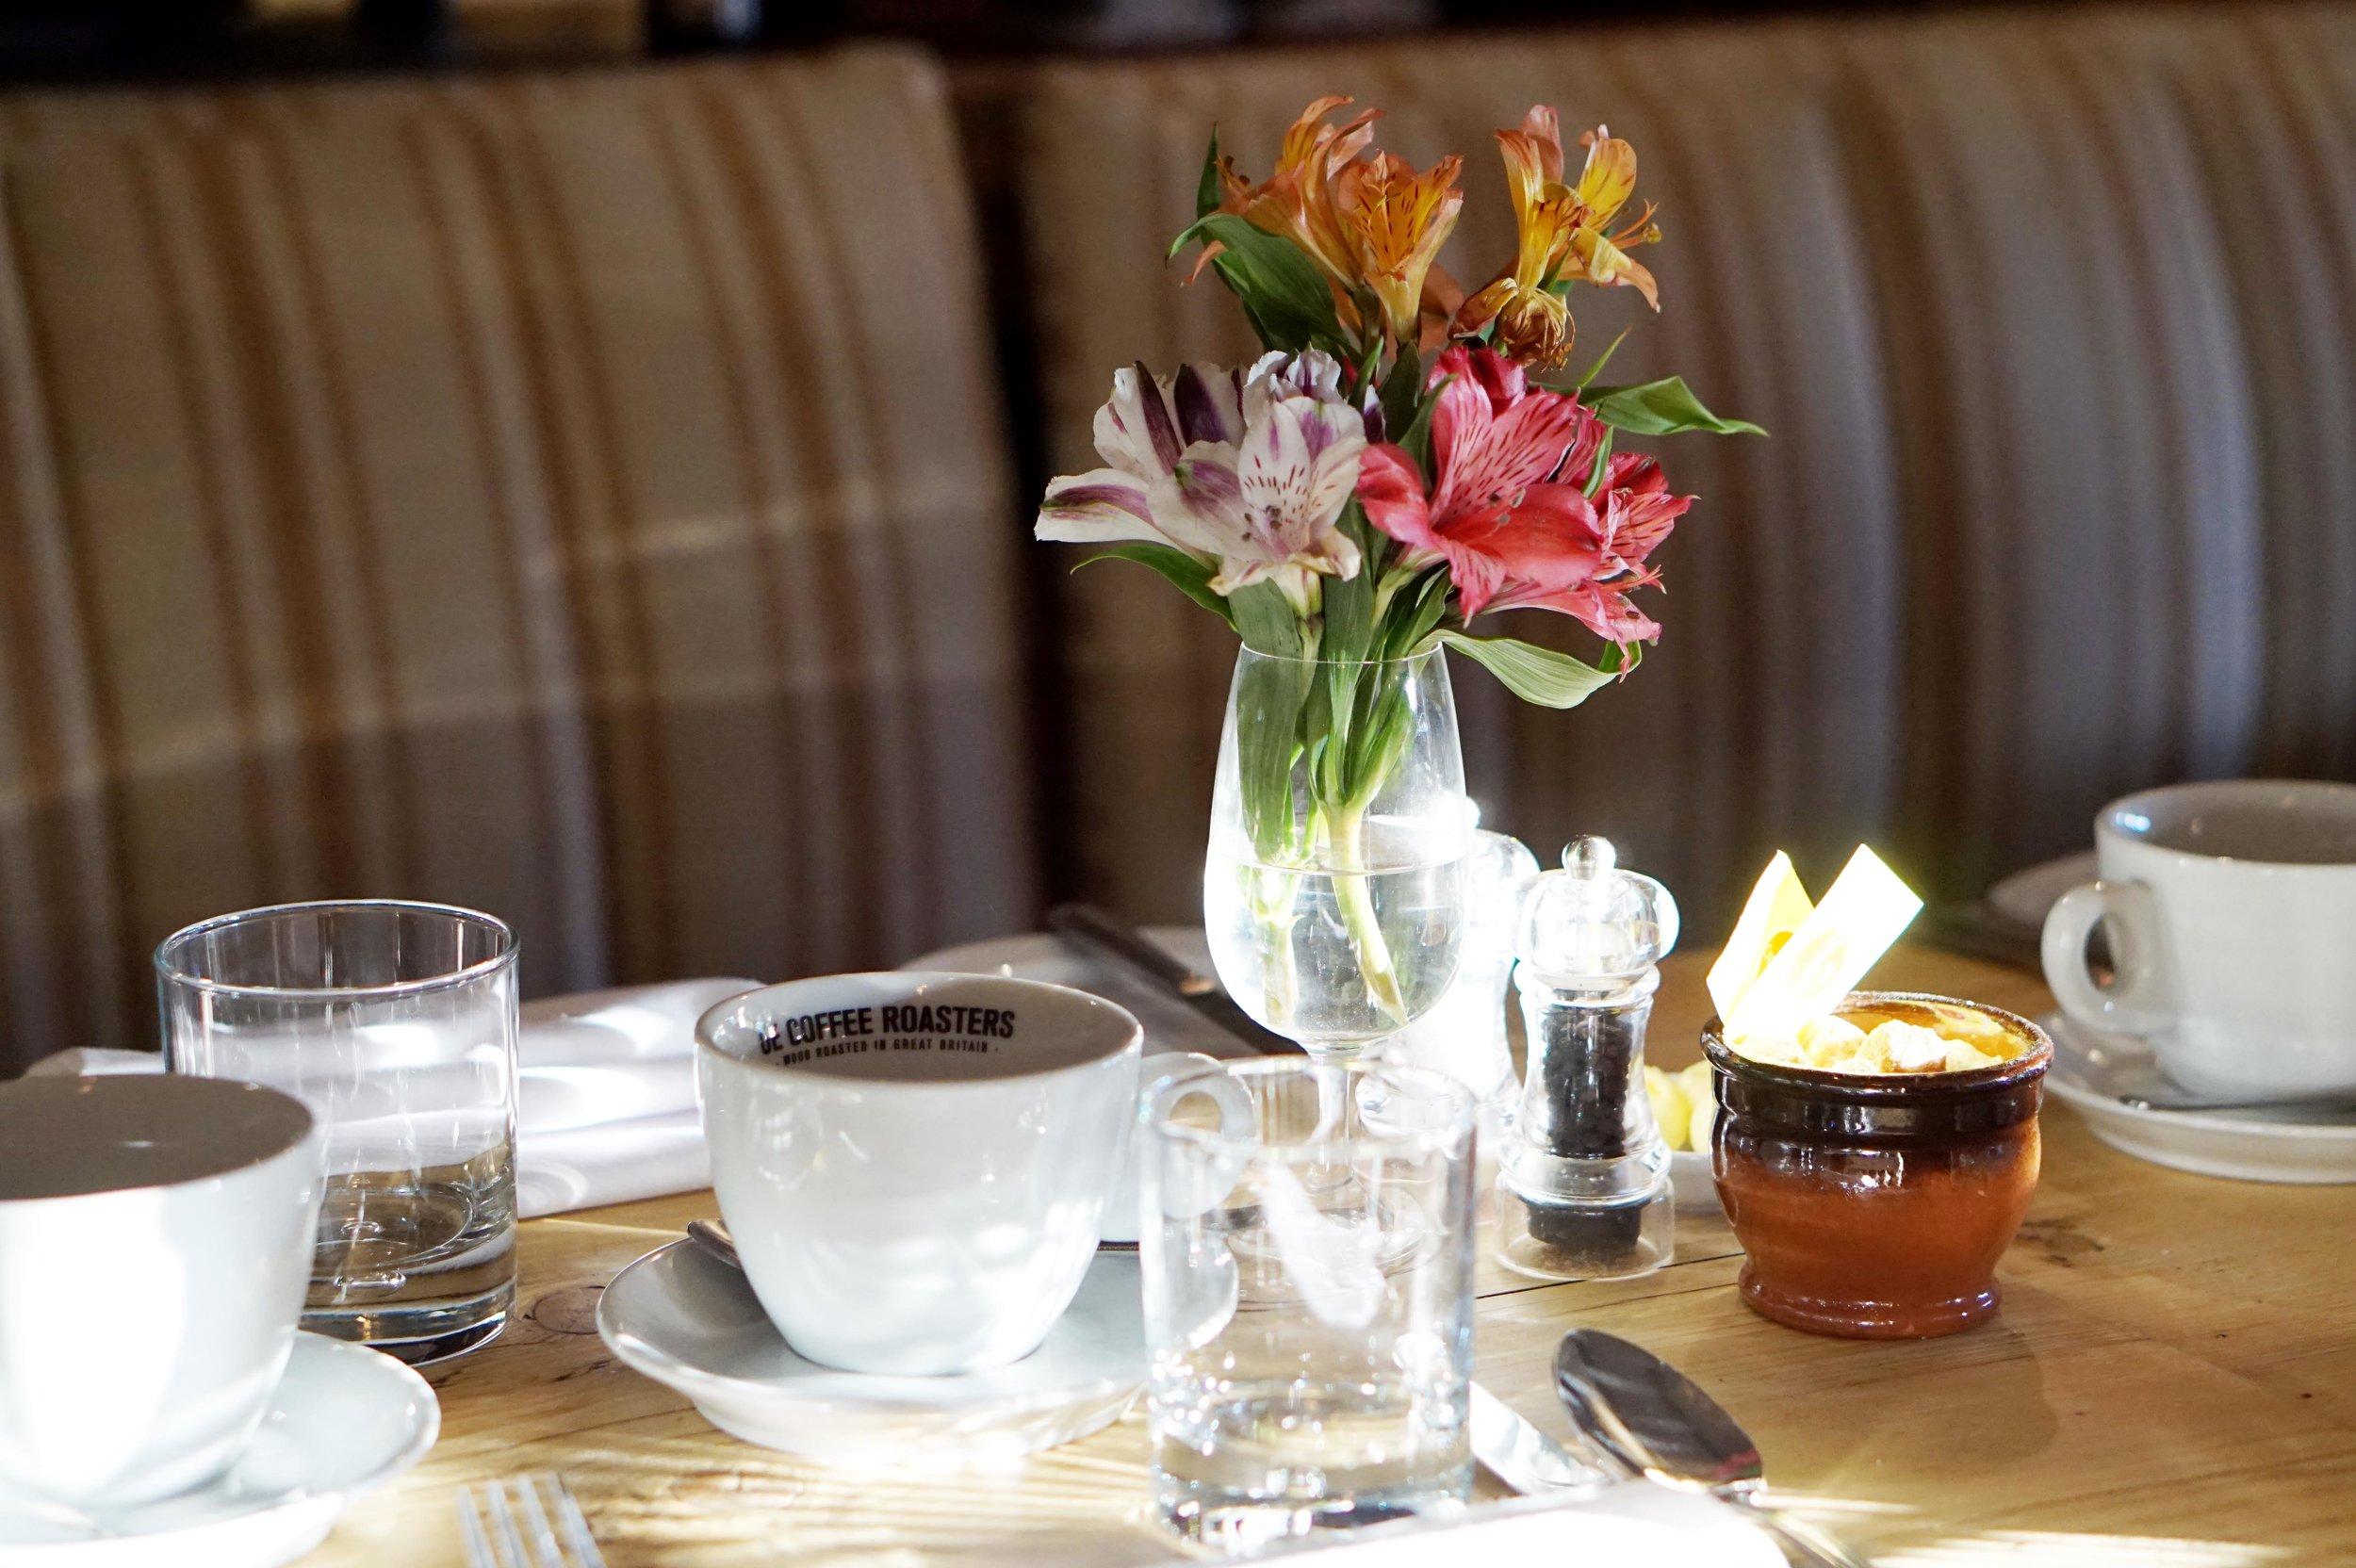 bynoelle-the-plough-inn-kelmscott-hotel-review3